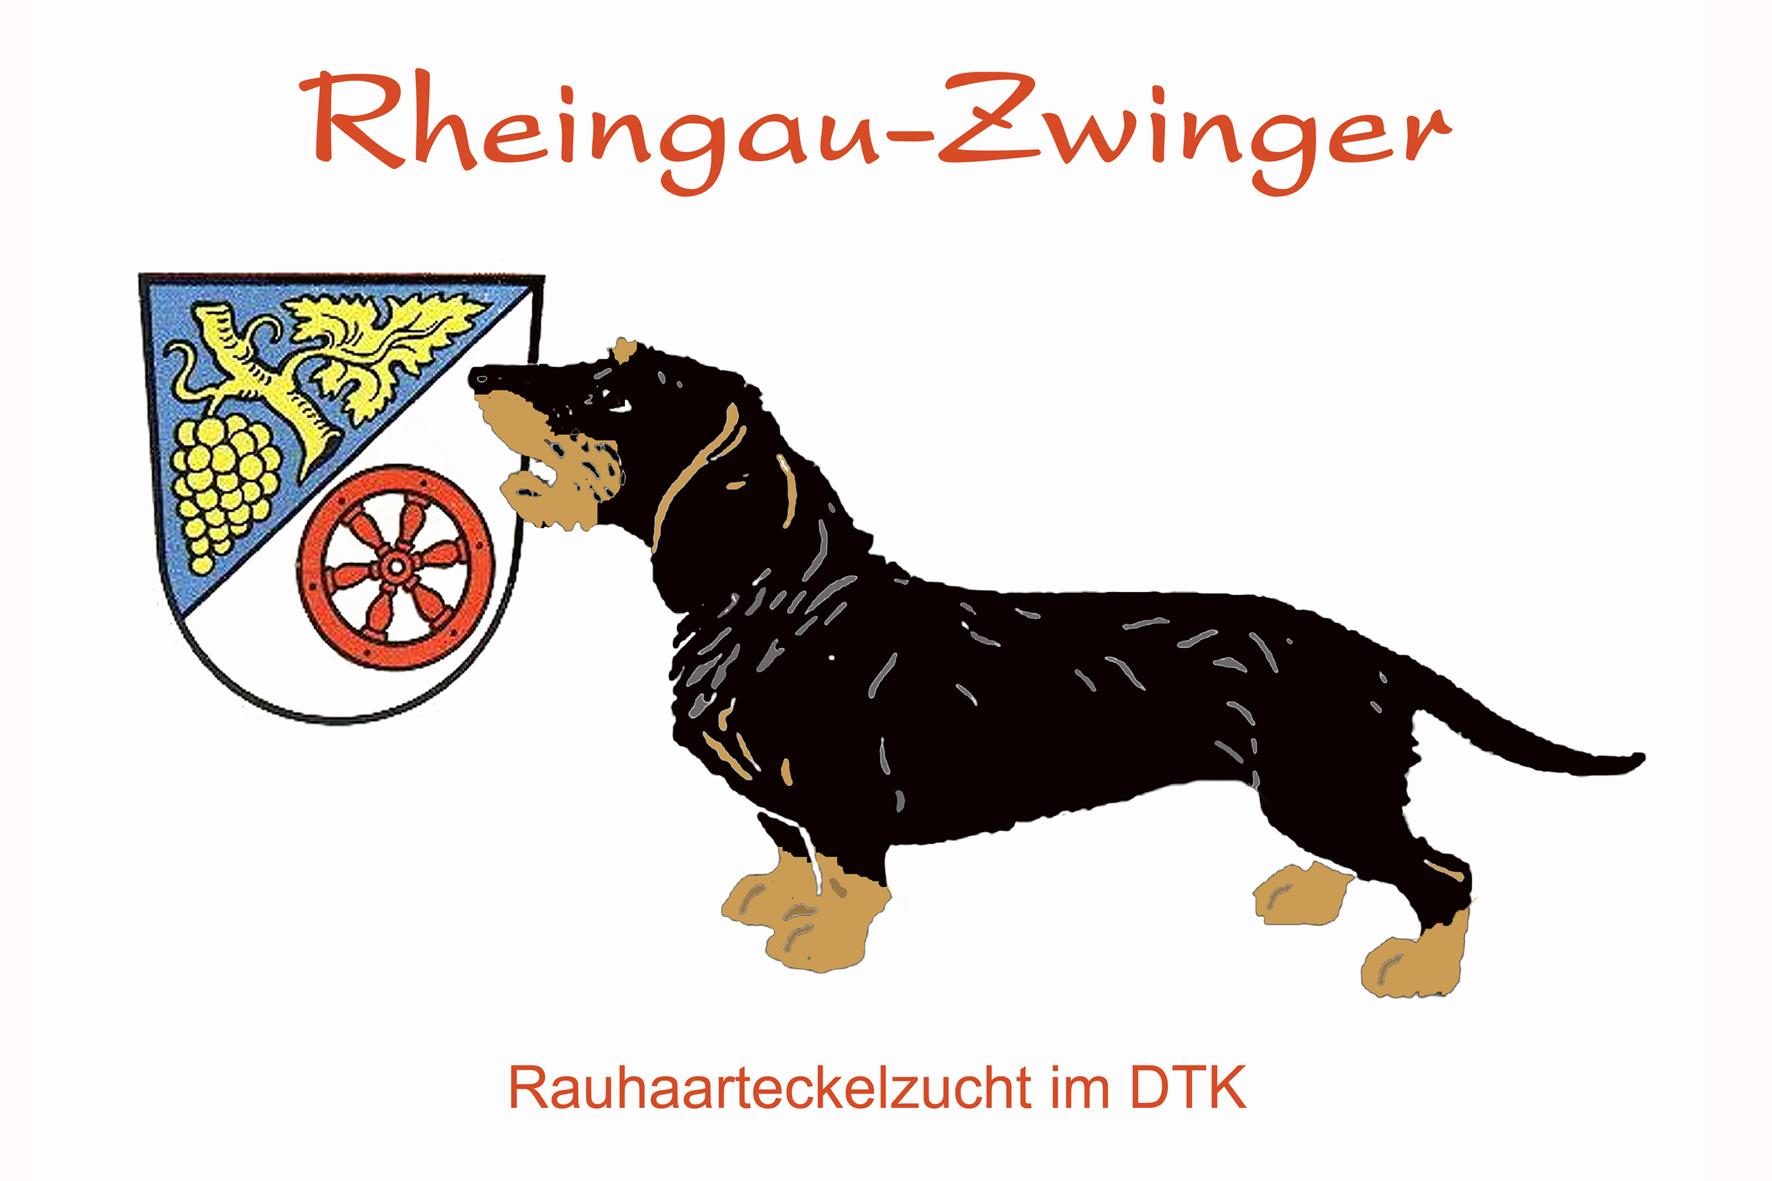 http://rheingau-zwinger.de/wp-content/uploads/2018/01/RZ-Aufkleber-color.jpg